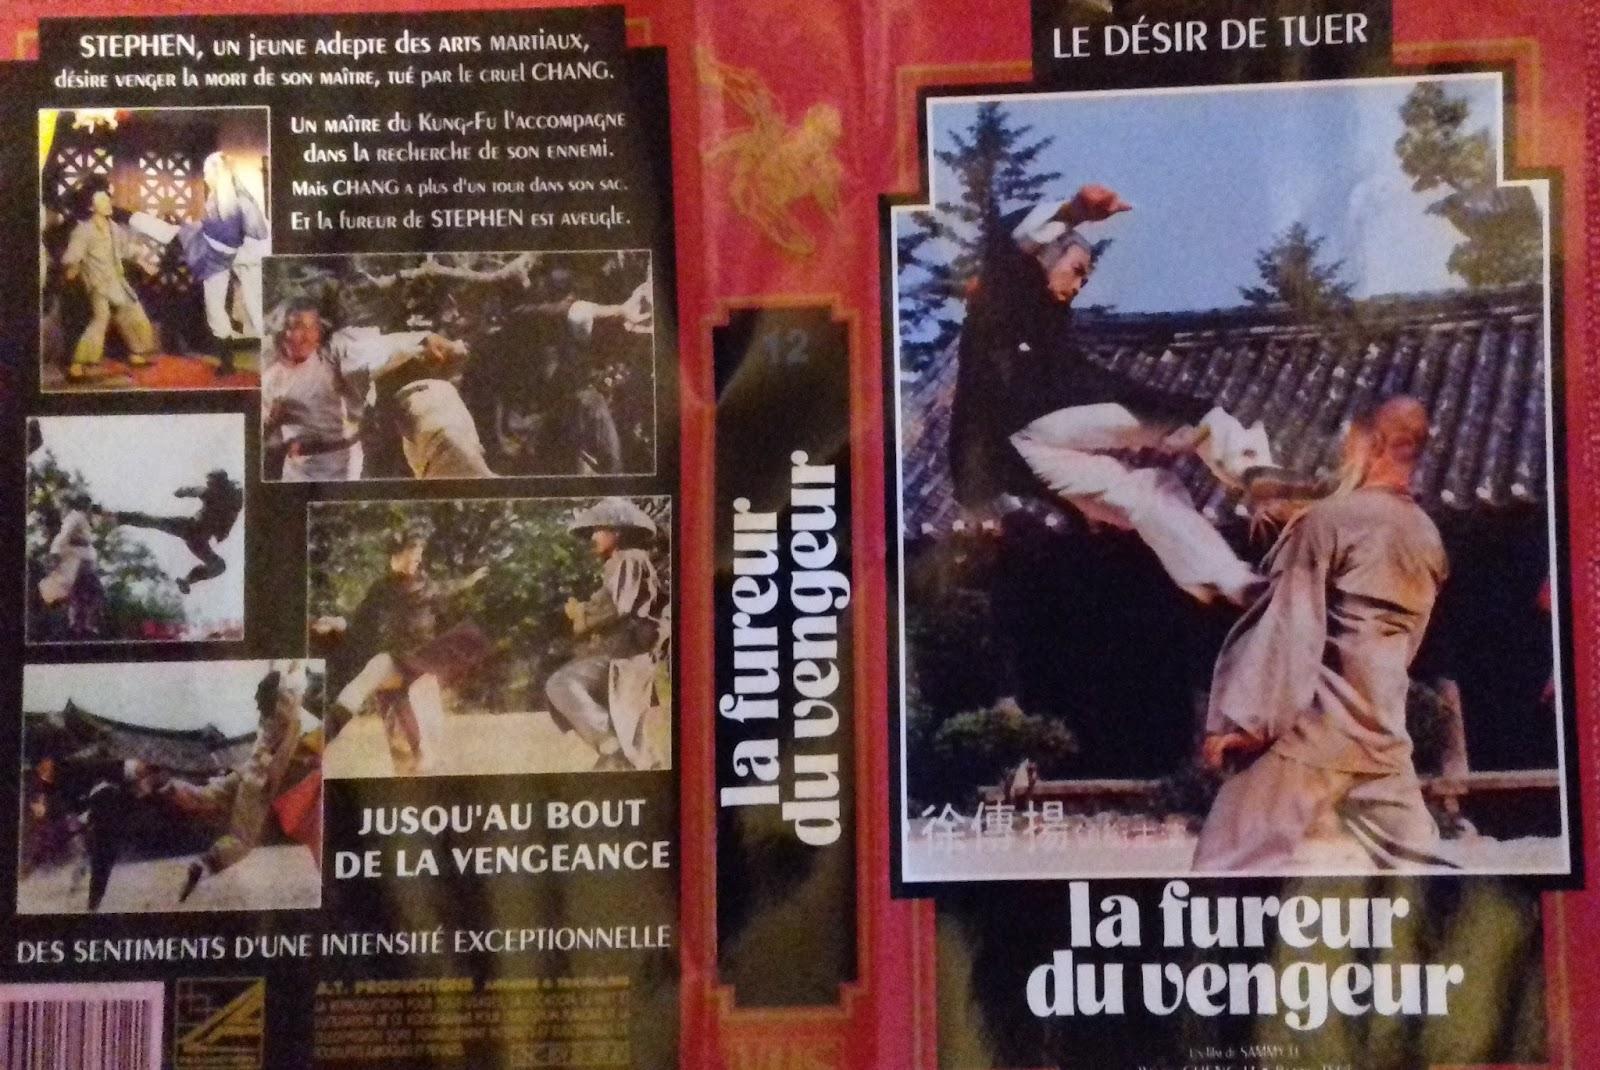 DVDRIP DU TÉLÉCHARGER FUREUR LA DRAGON